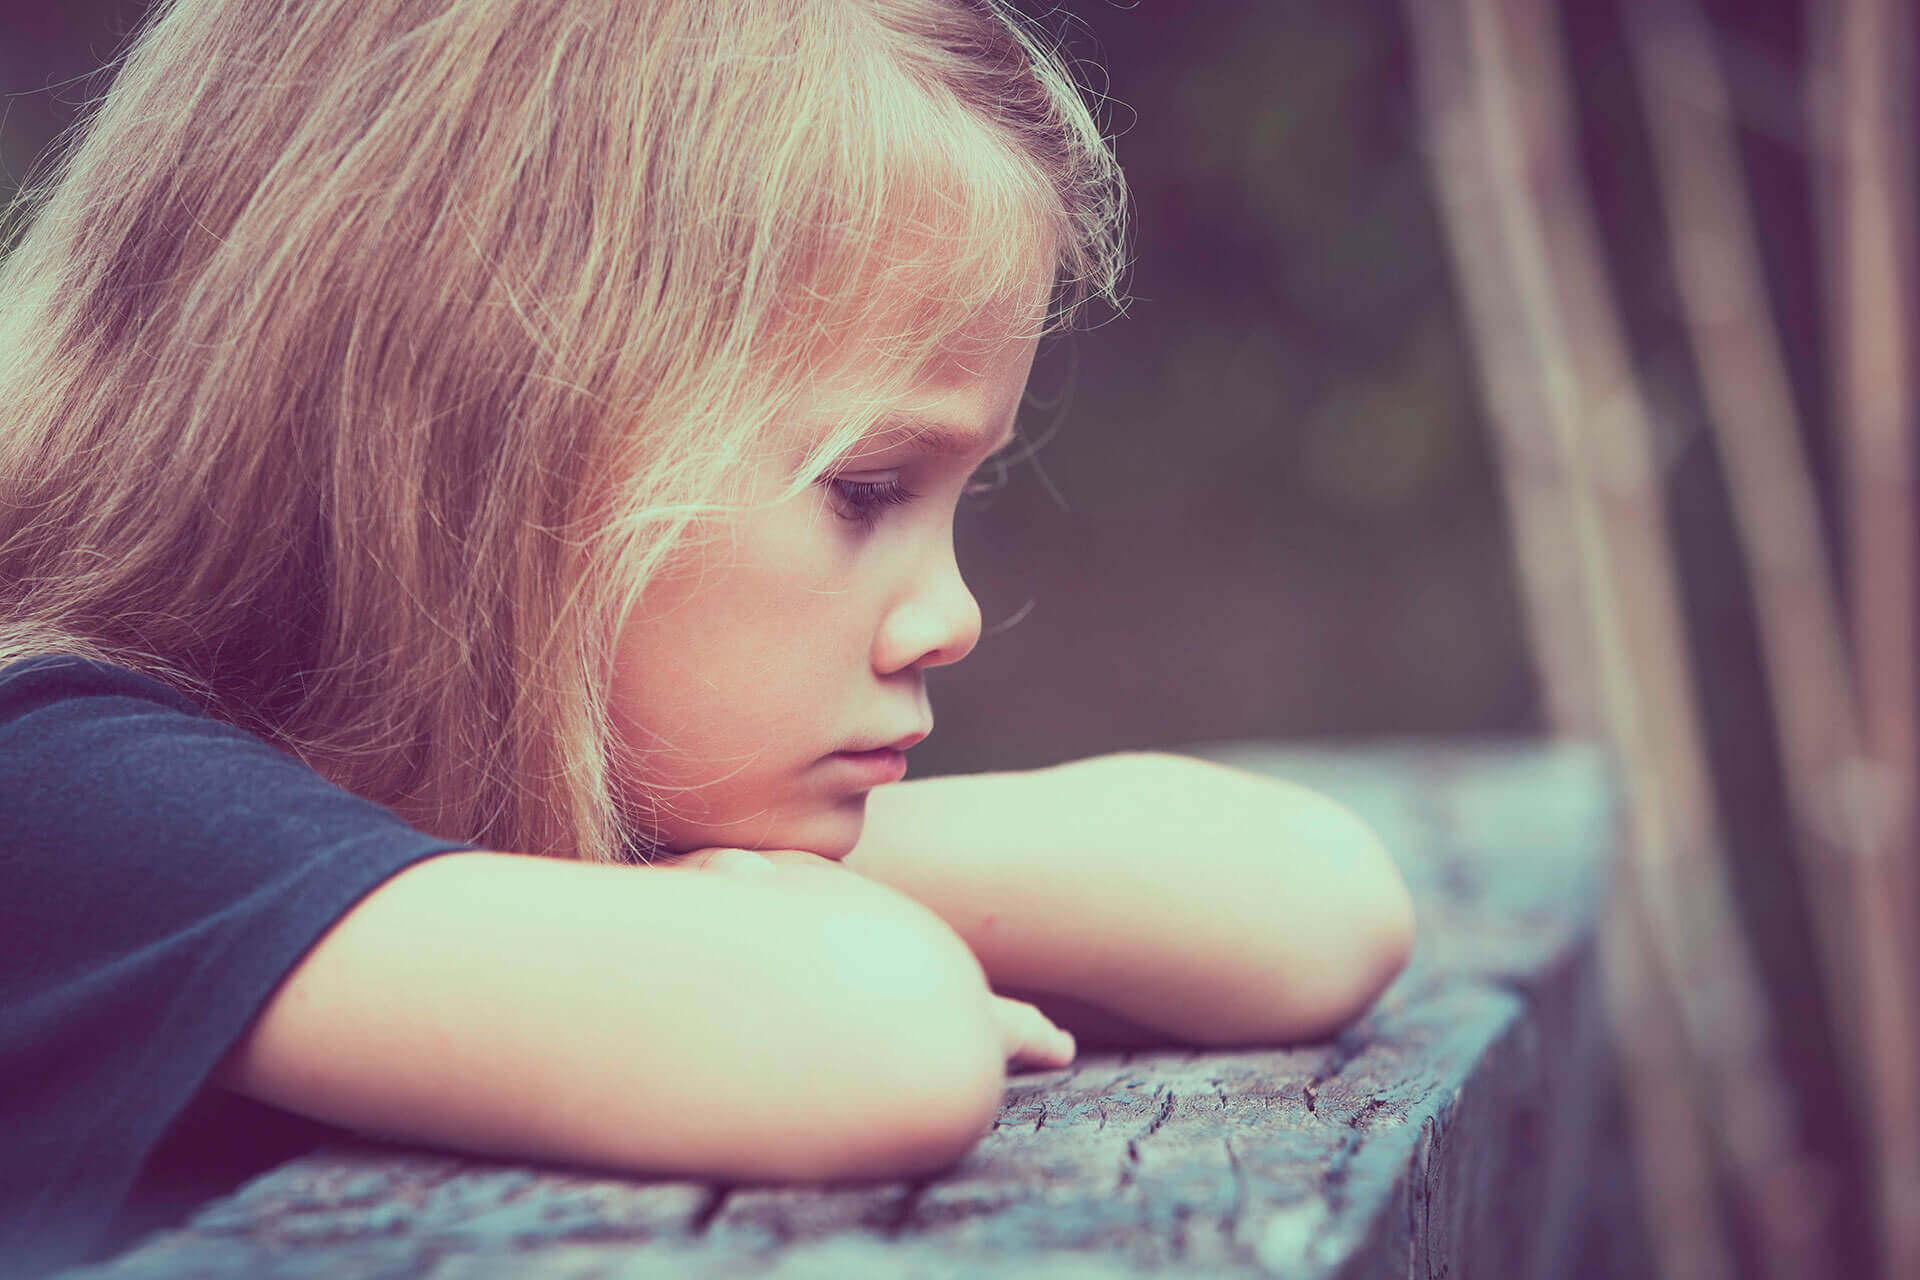 Unerklärbare Niedergeschlagenheit Häuft Sich, Was Kann Ich Tun?